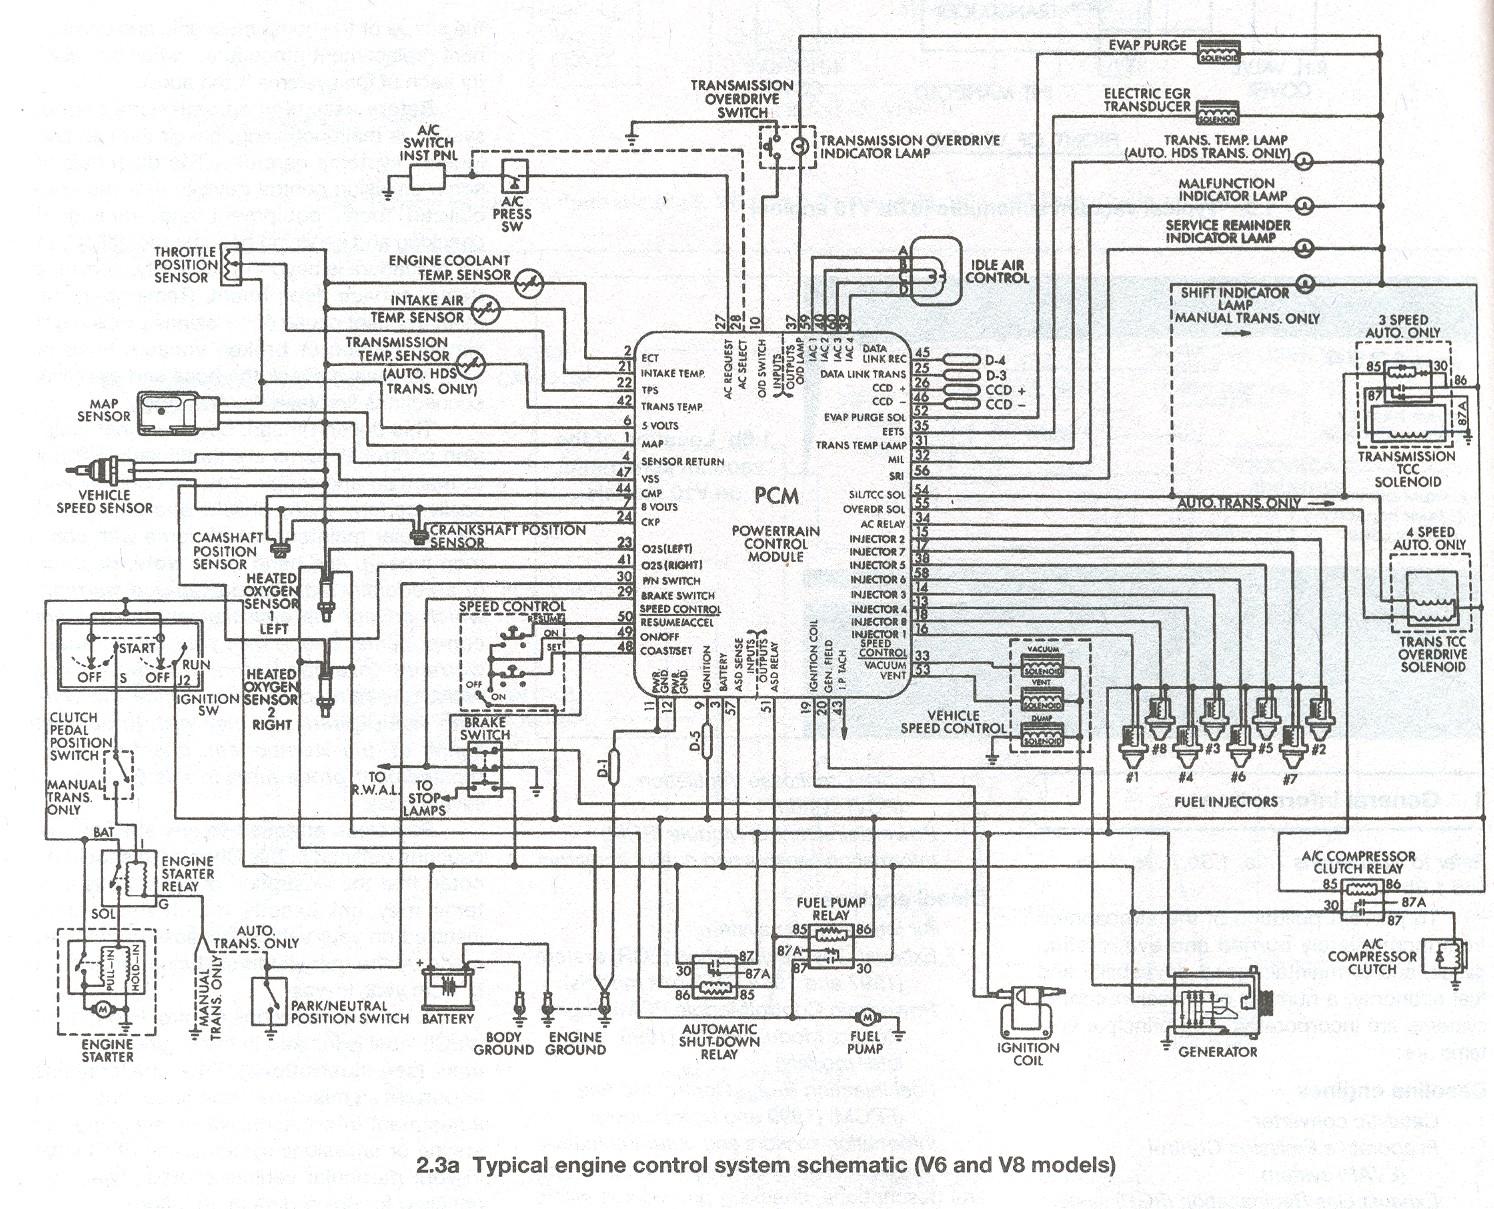 Chevette Schematic | Wiring Diagram on